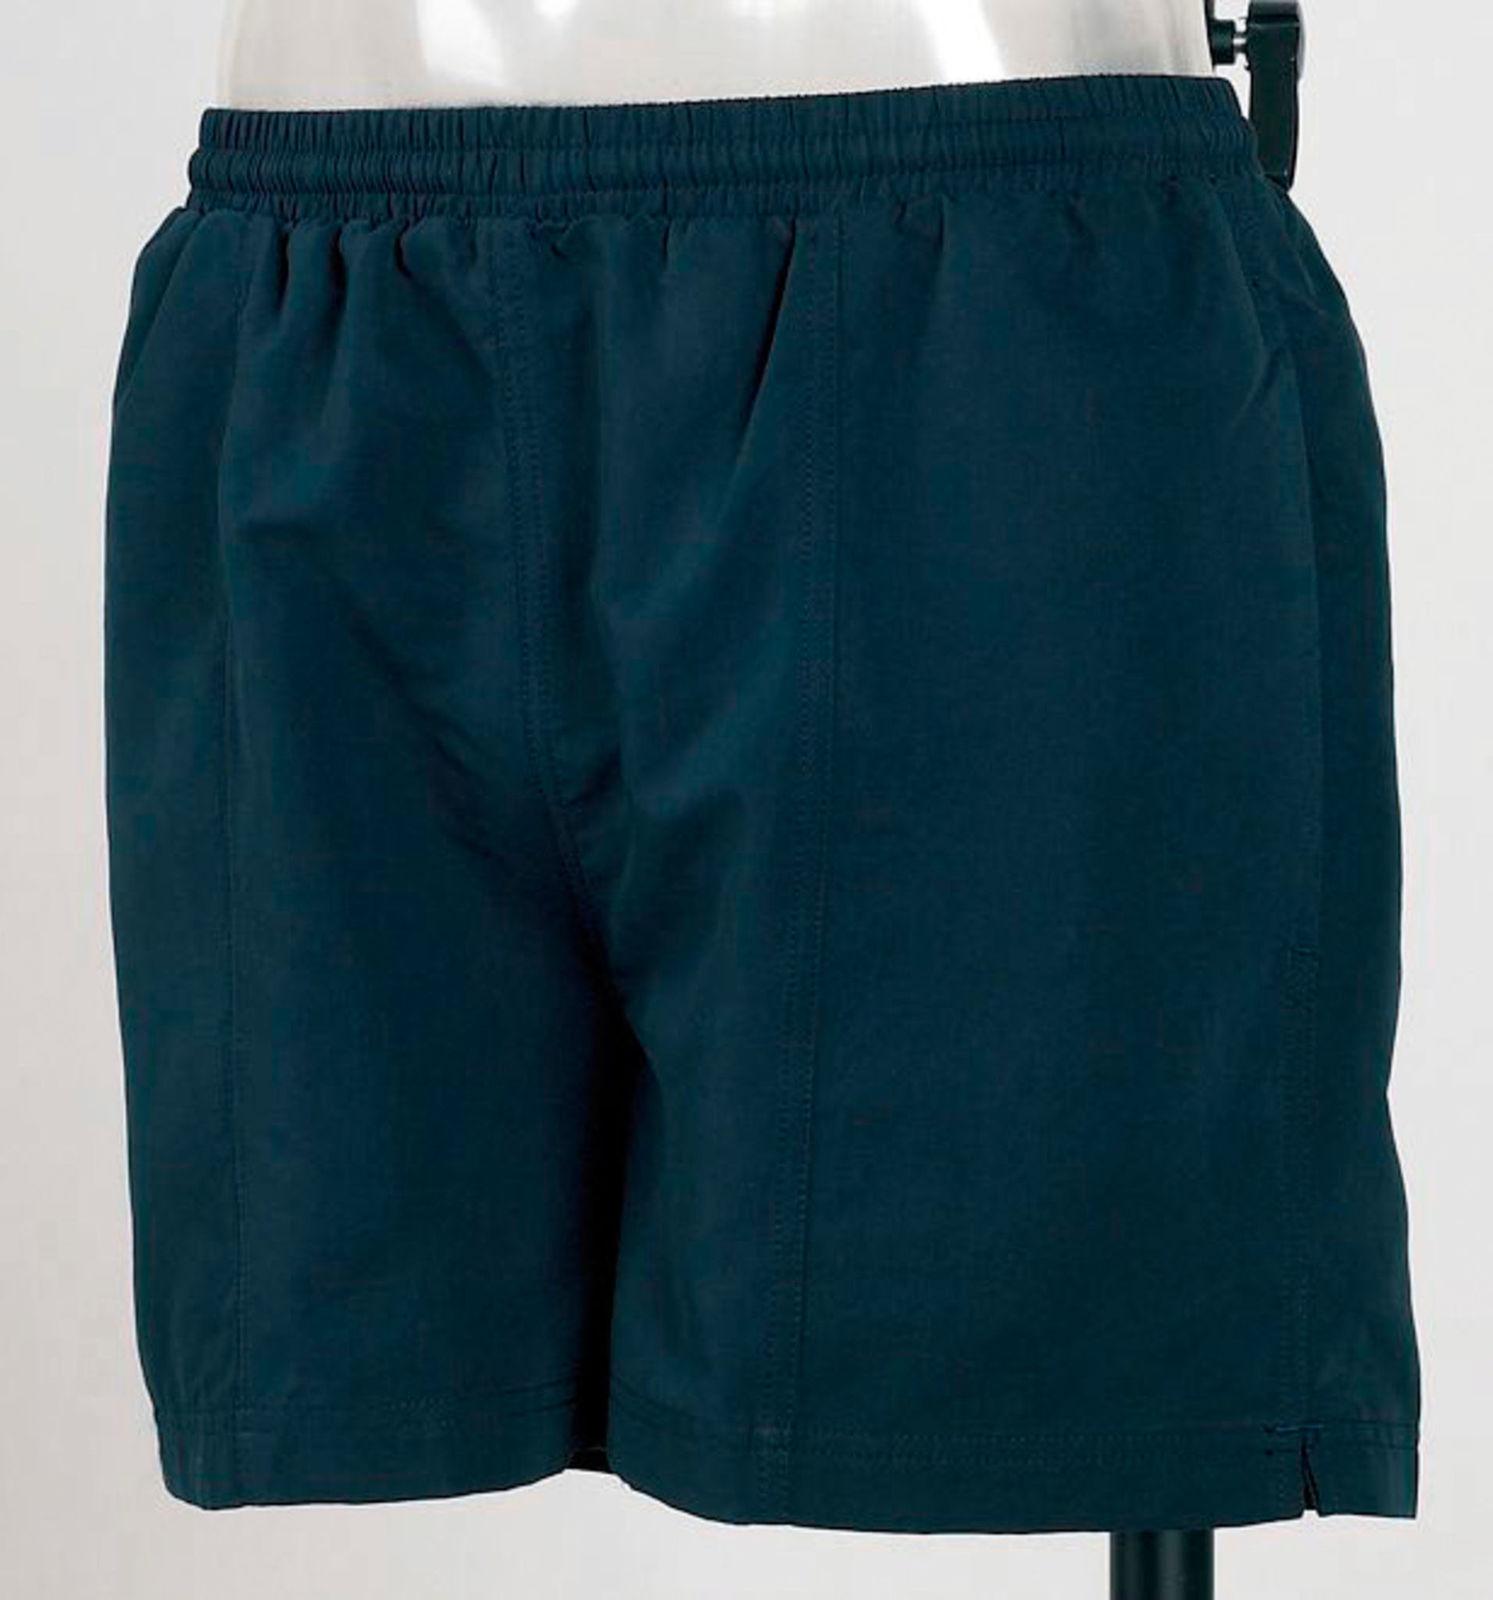 Noir · Marine · Rouge · Textiles de sport personnalisable SHORT ... 5b3a04f8a99b